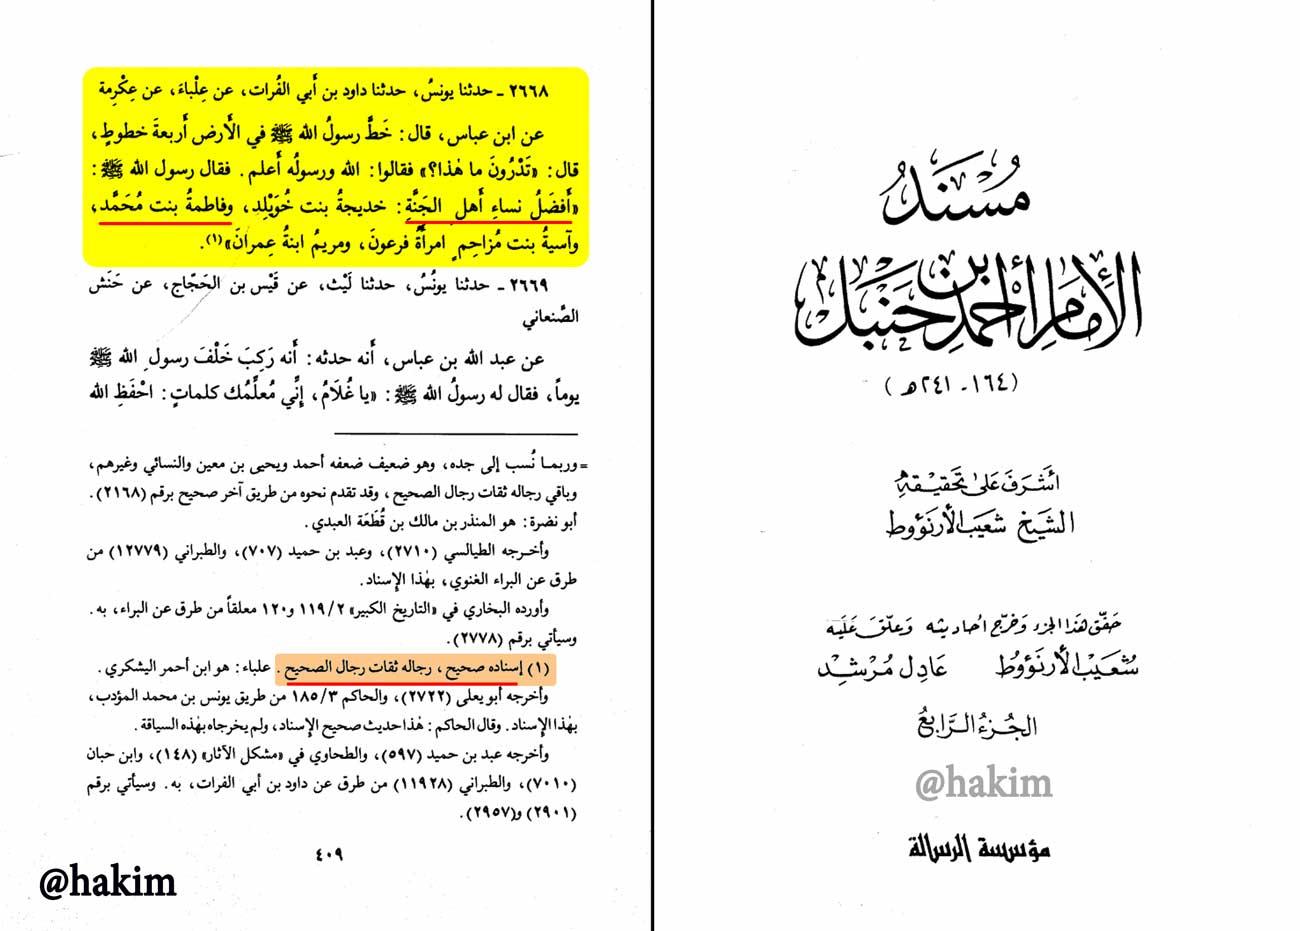 ابن عربی حضرت زهرا (س) را از کاملین نمی داند